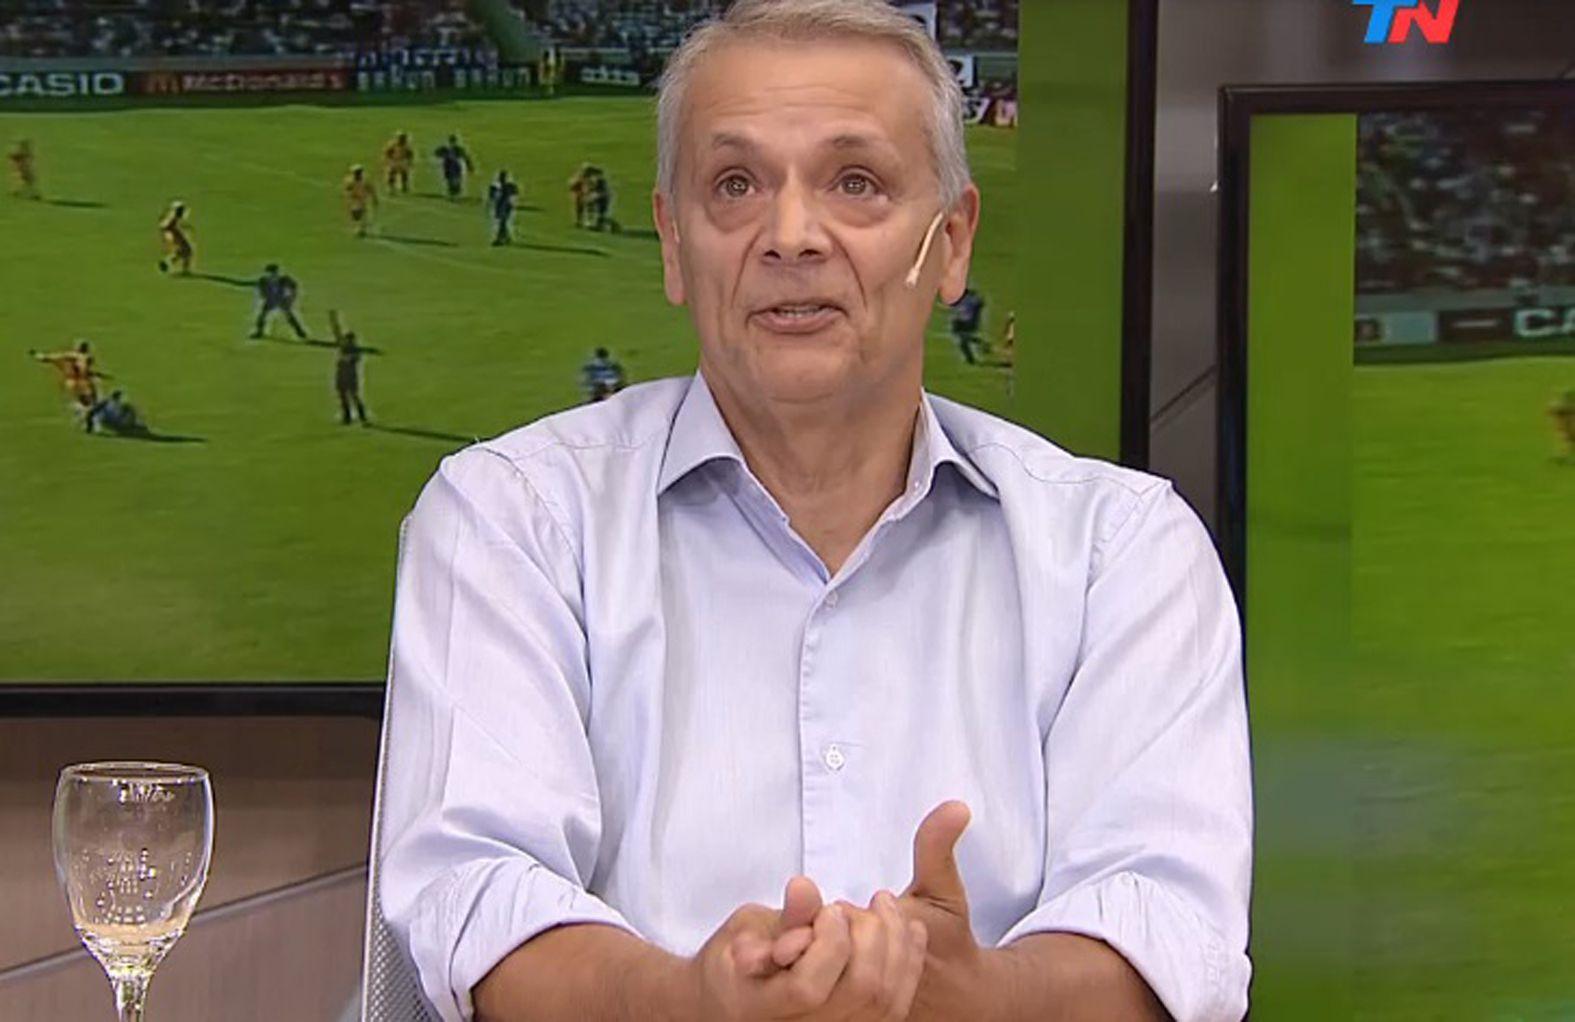 Javier Castrilli denunció una red de corrupción en el arbitraje del fútbol argentino